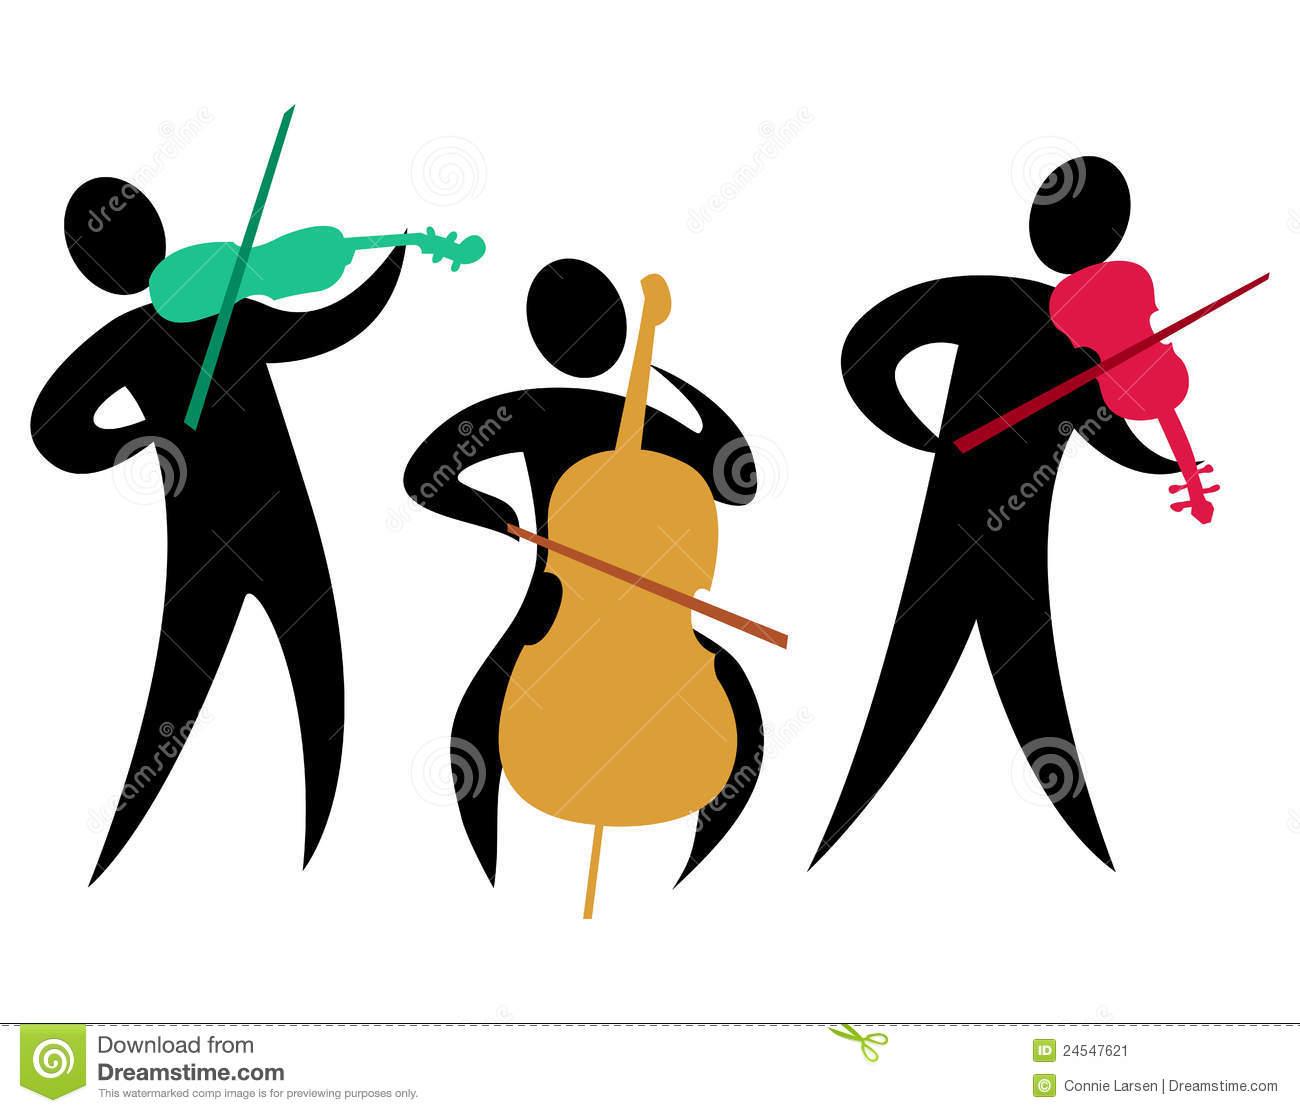 Cello clipart orchestra. Station